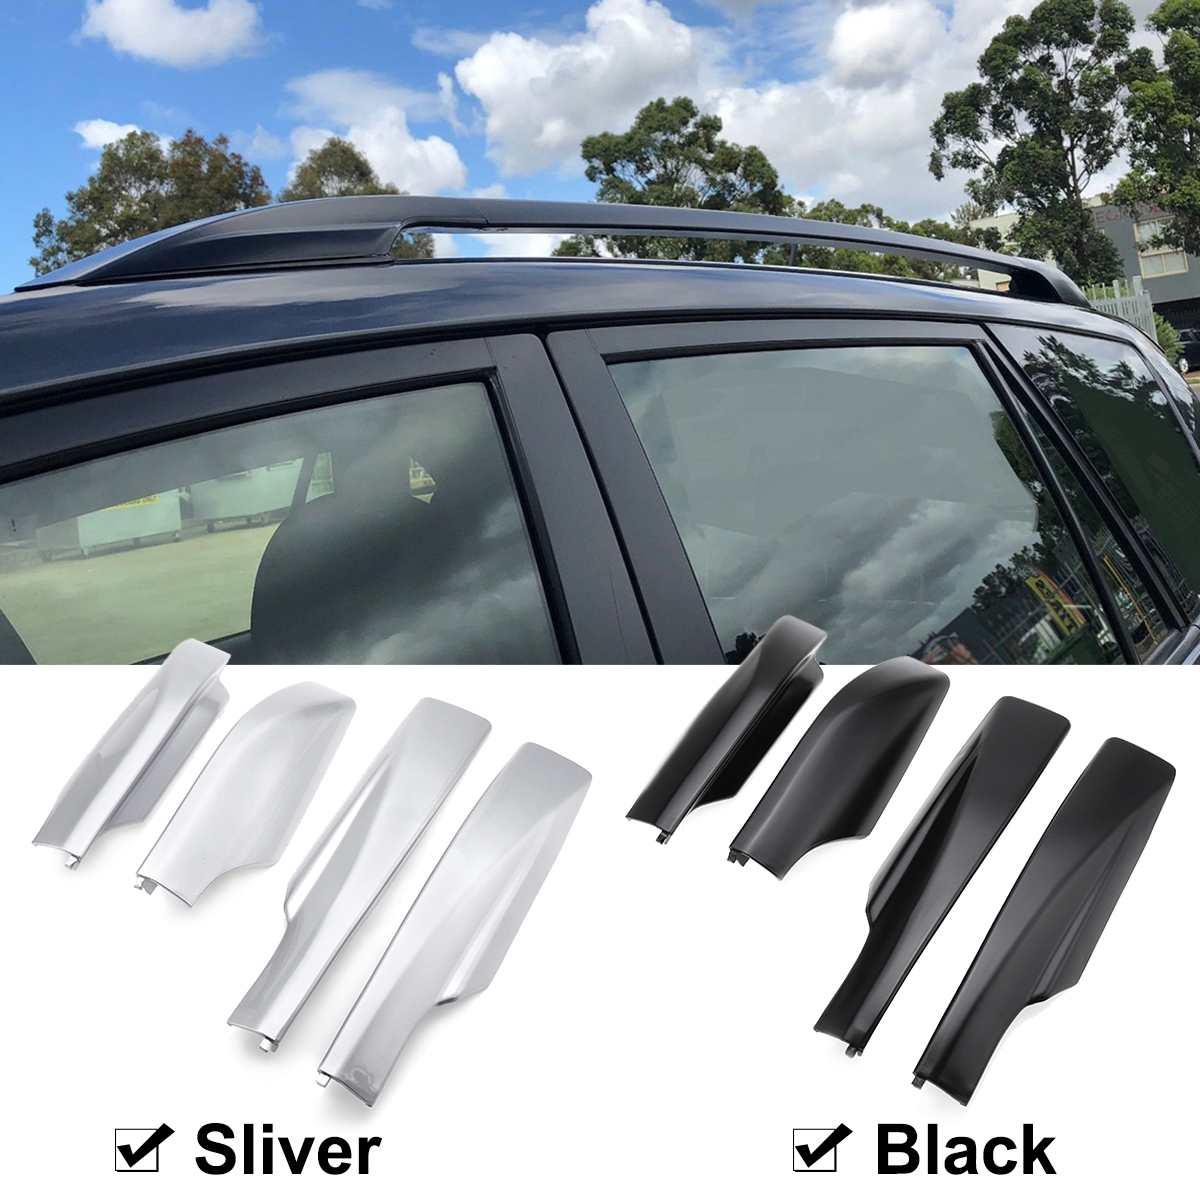 4 pçs preto prata abs telhado rack capa ferroviário final capa protetora escudo para toyota rav4 2007 2008 2009 2010 2011 2012